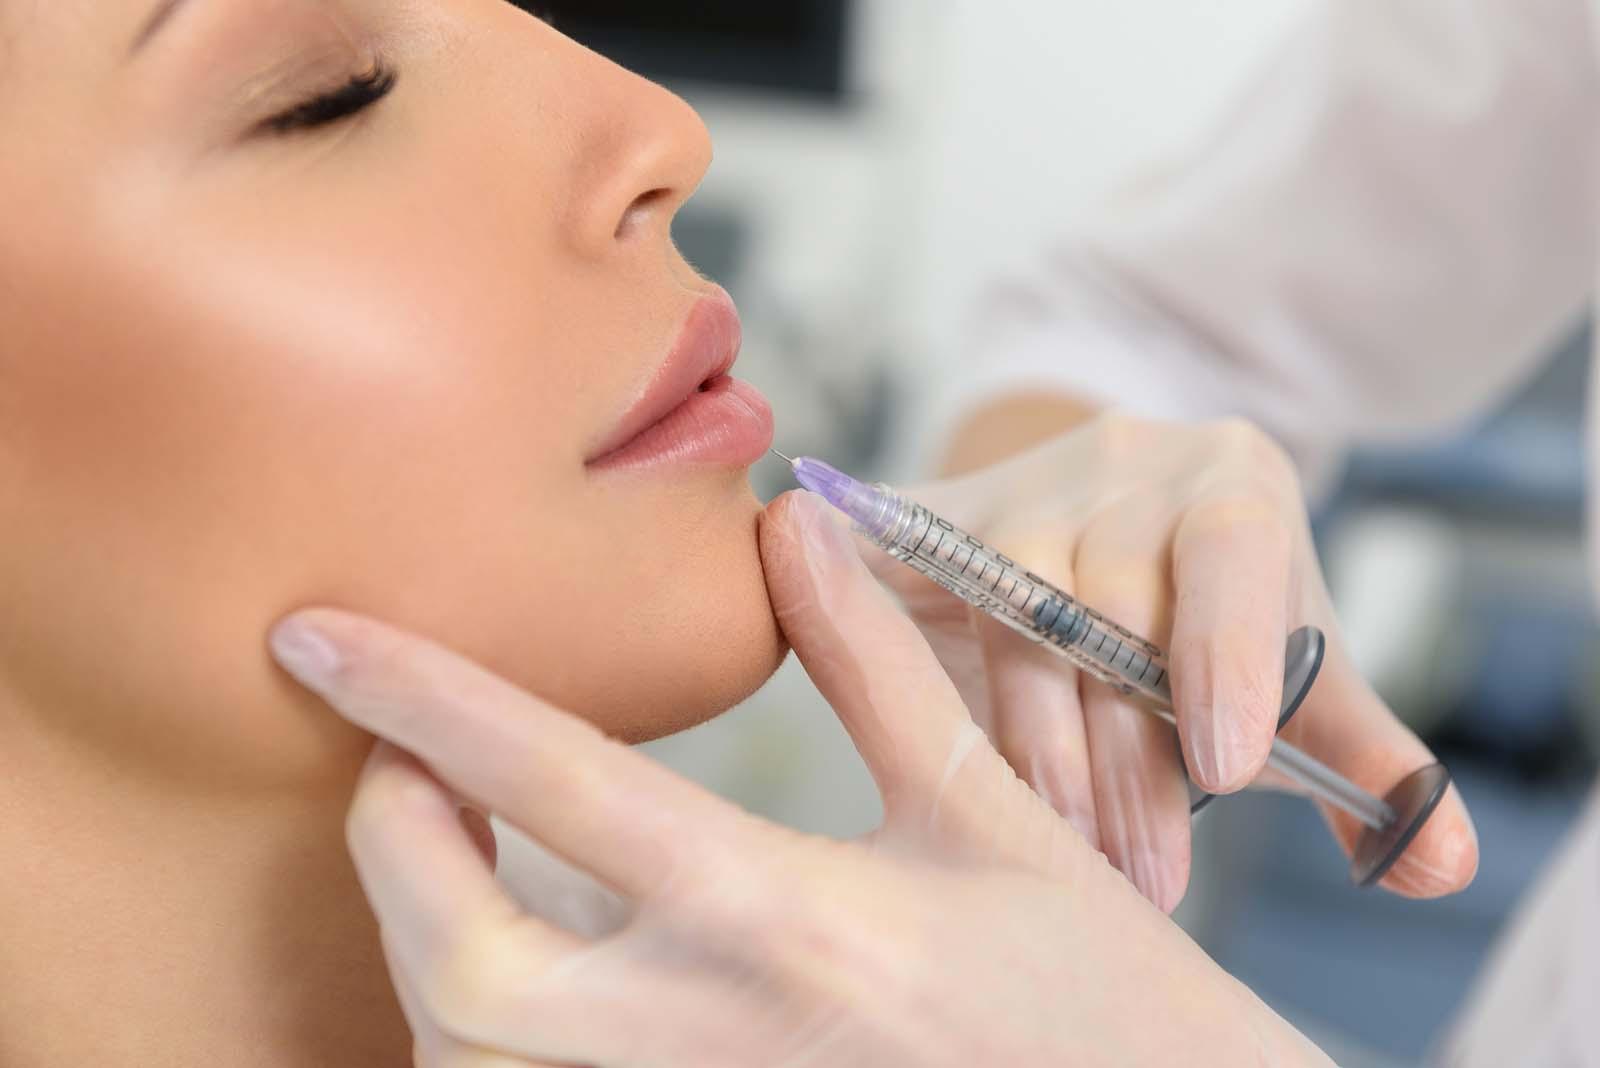 Beautician hand holding syringe of botox near female lips